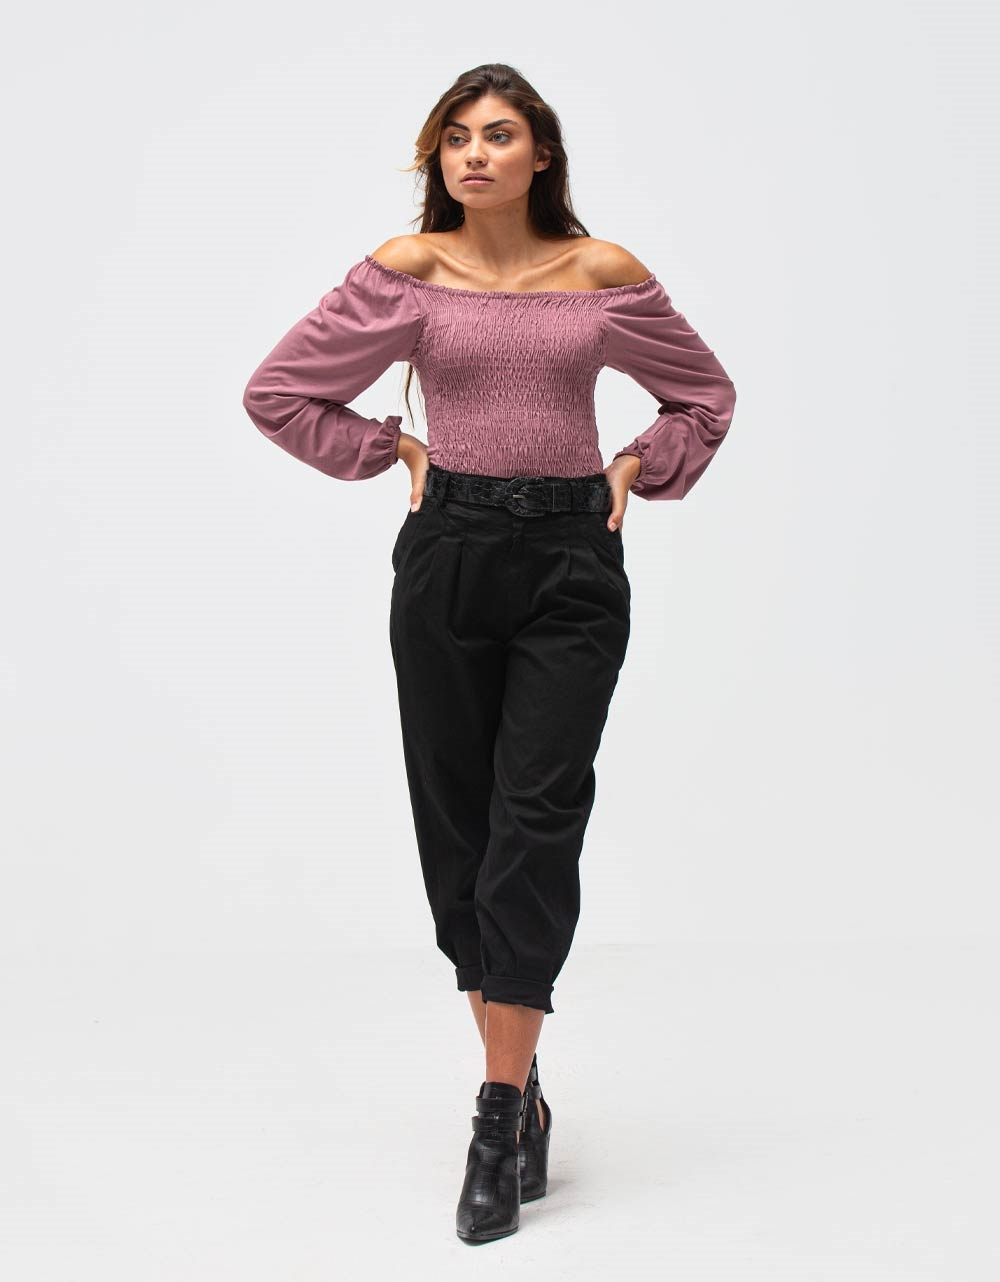 Εικόνα από Γυναικεία μπλούζα με ακάλυπτους ώμους Ροζ